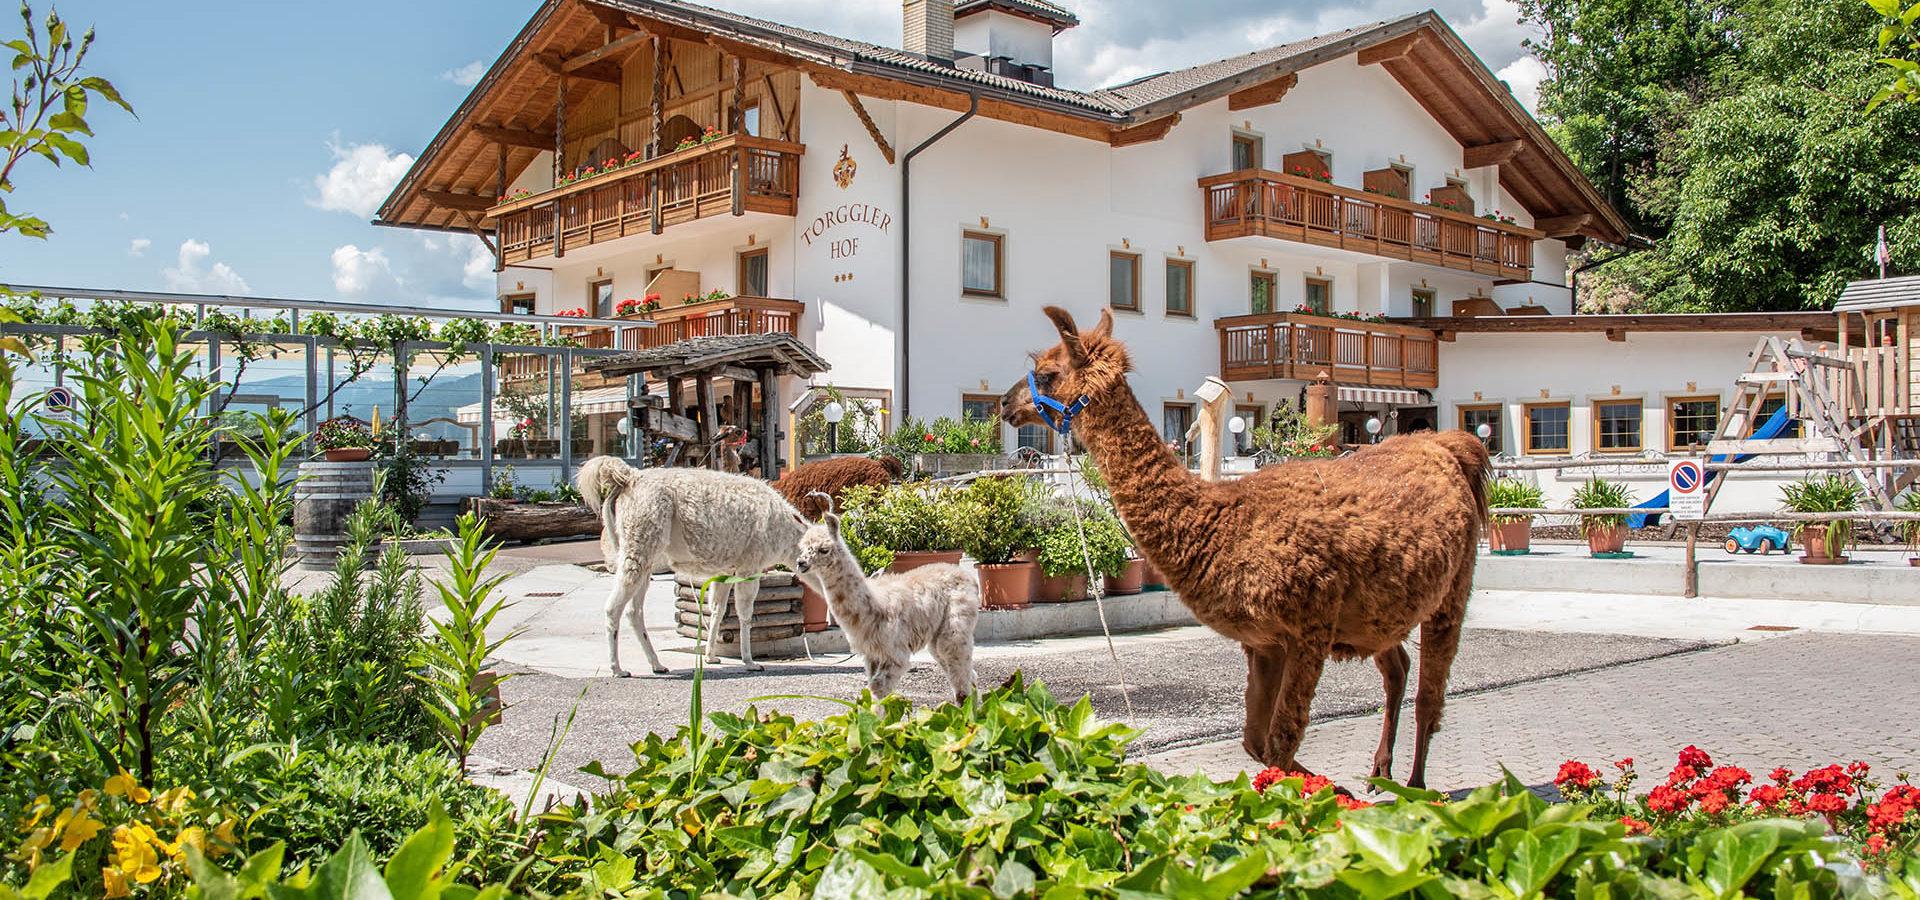 Hotel mit Tieren in Südtirol